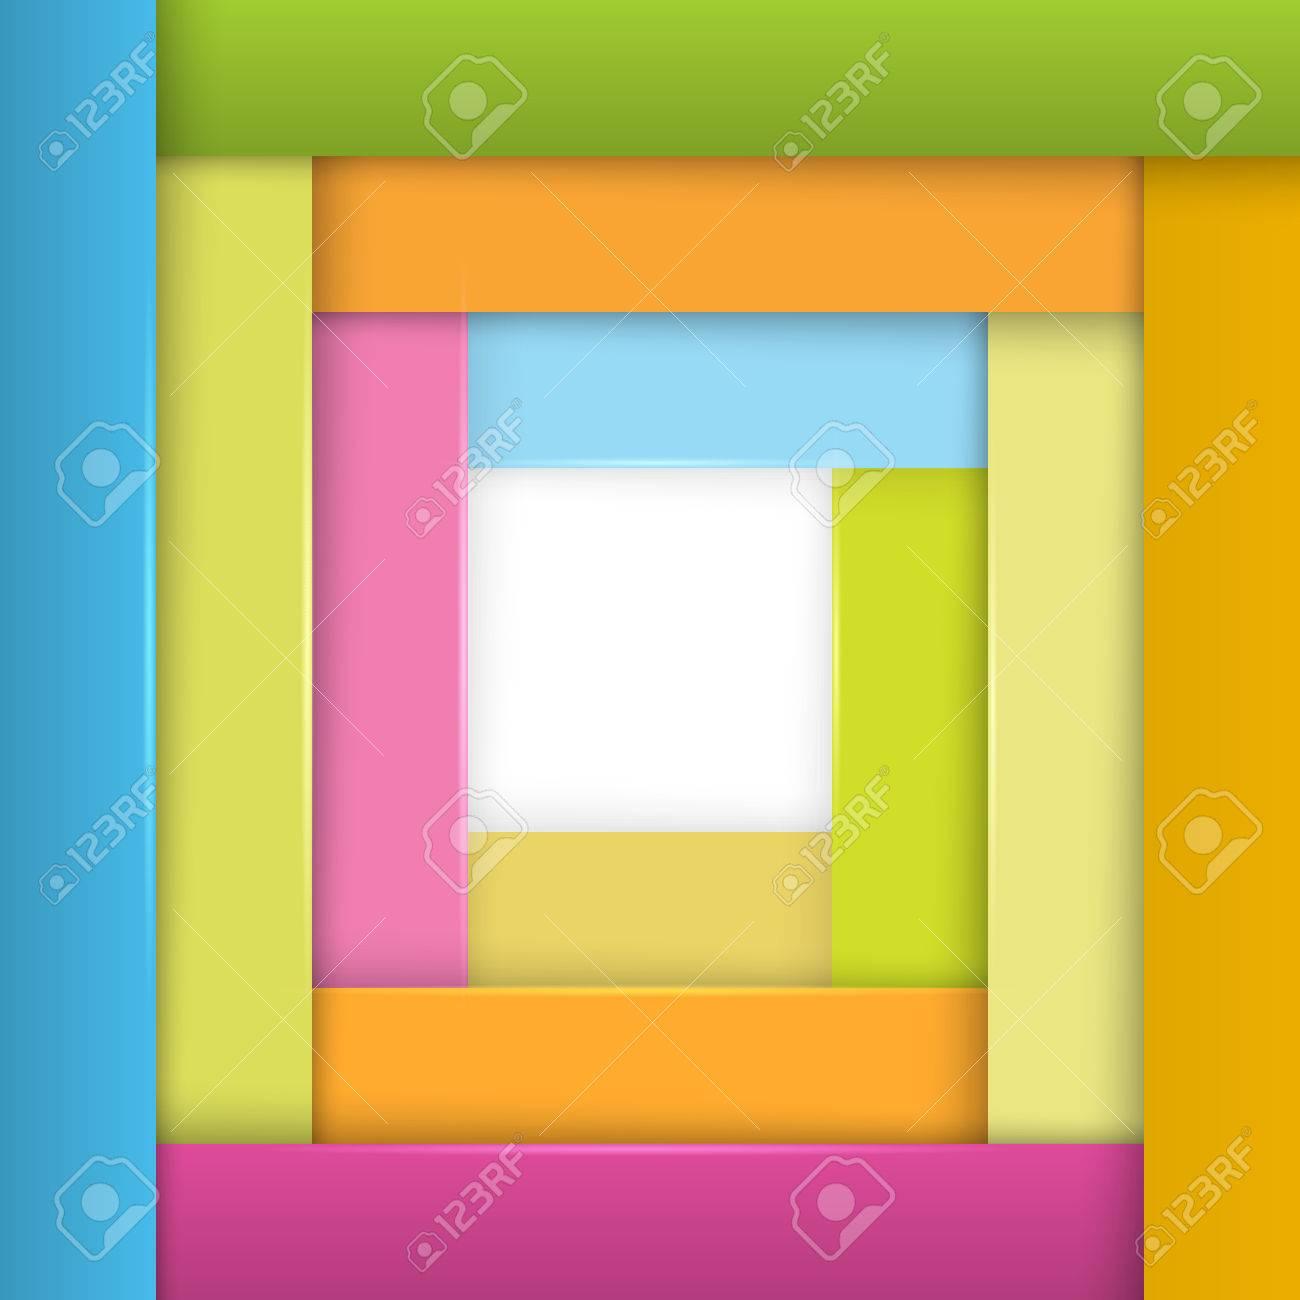 Fondo Frontera Marco Geométrico Abstracto. Los Elementos De Diseño ...